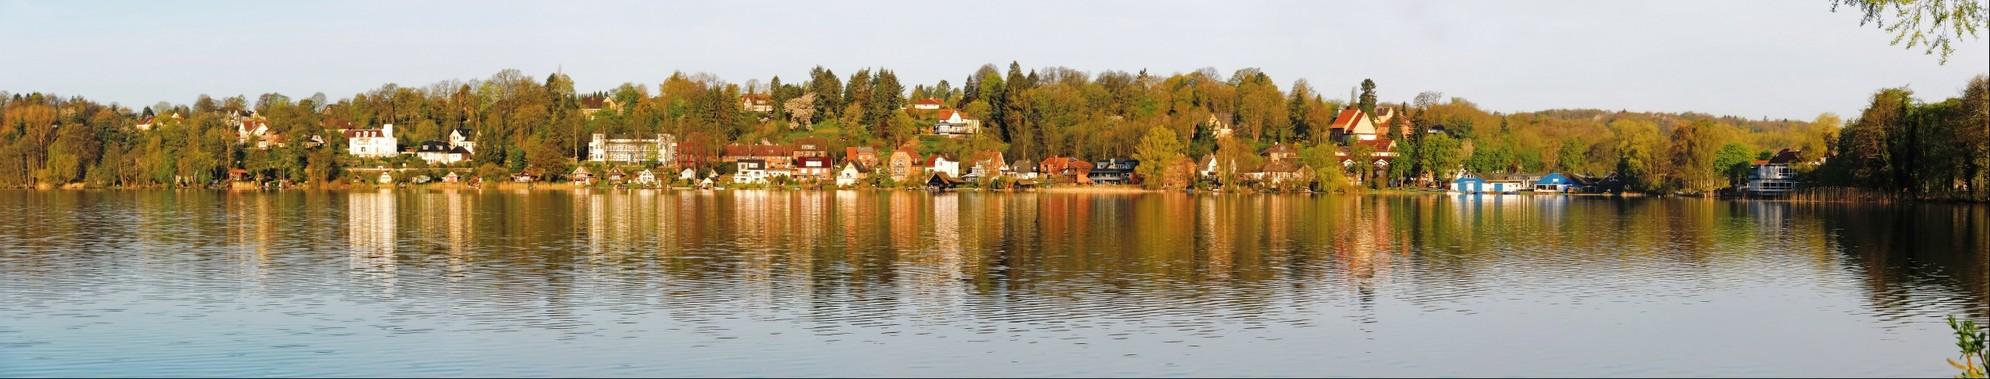 Inselstadt Ratzeburg, westliches Ufer des Küchensees